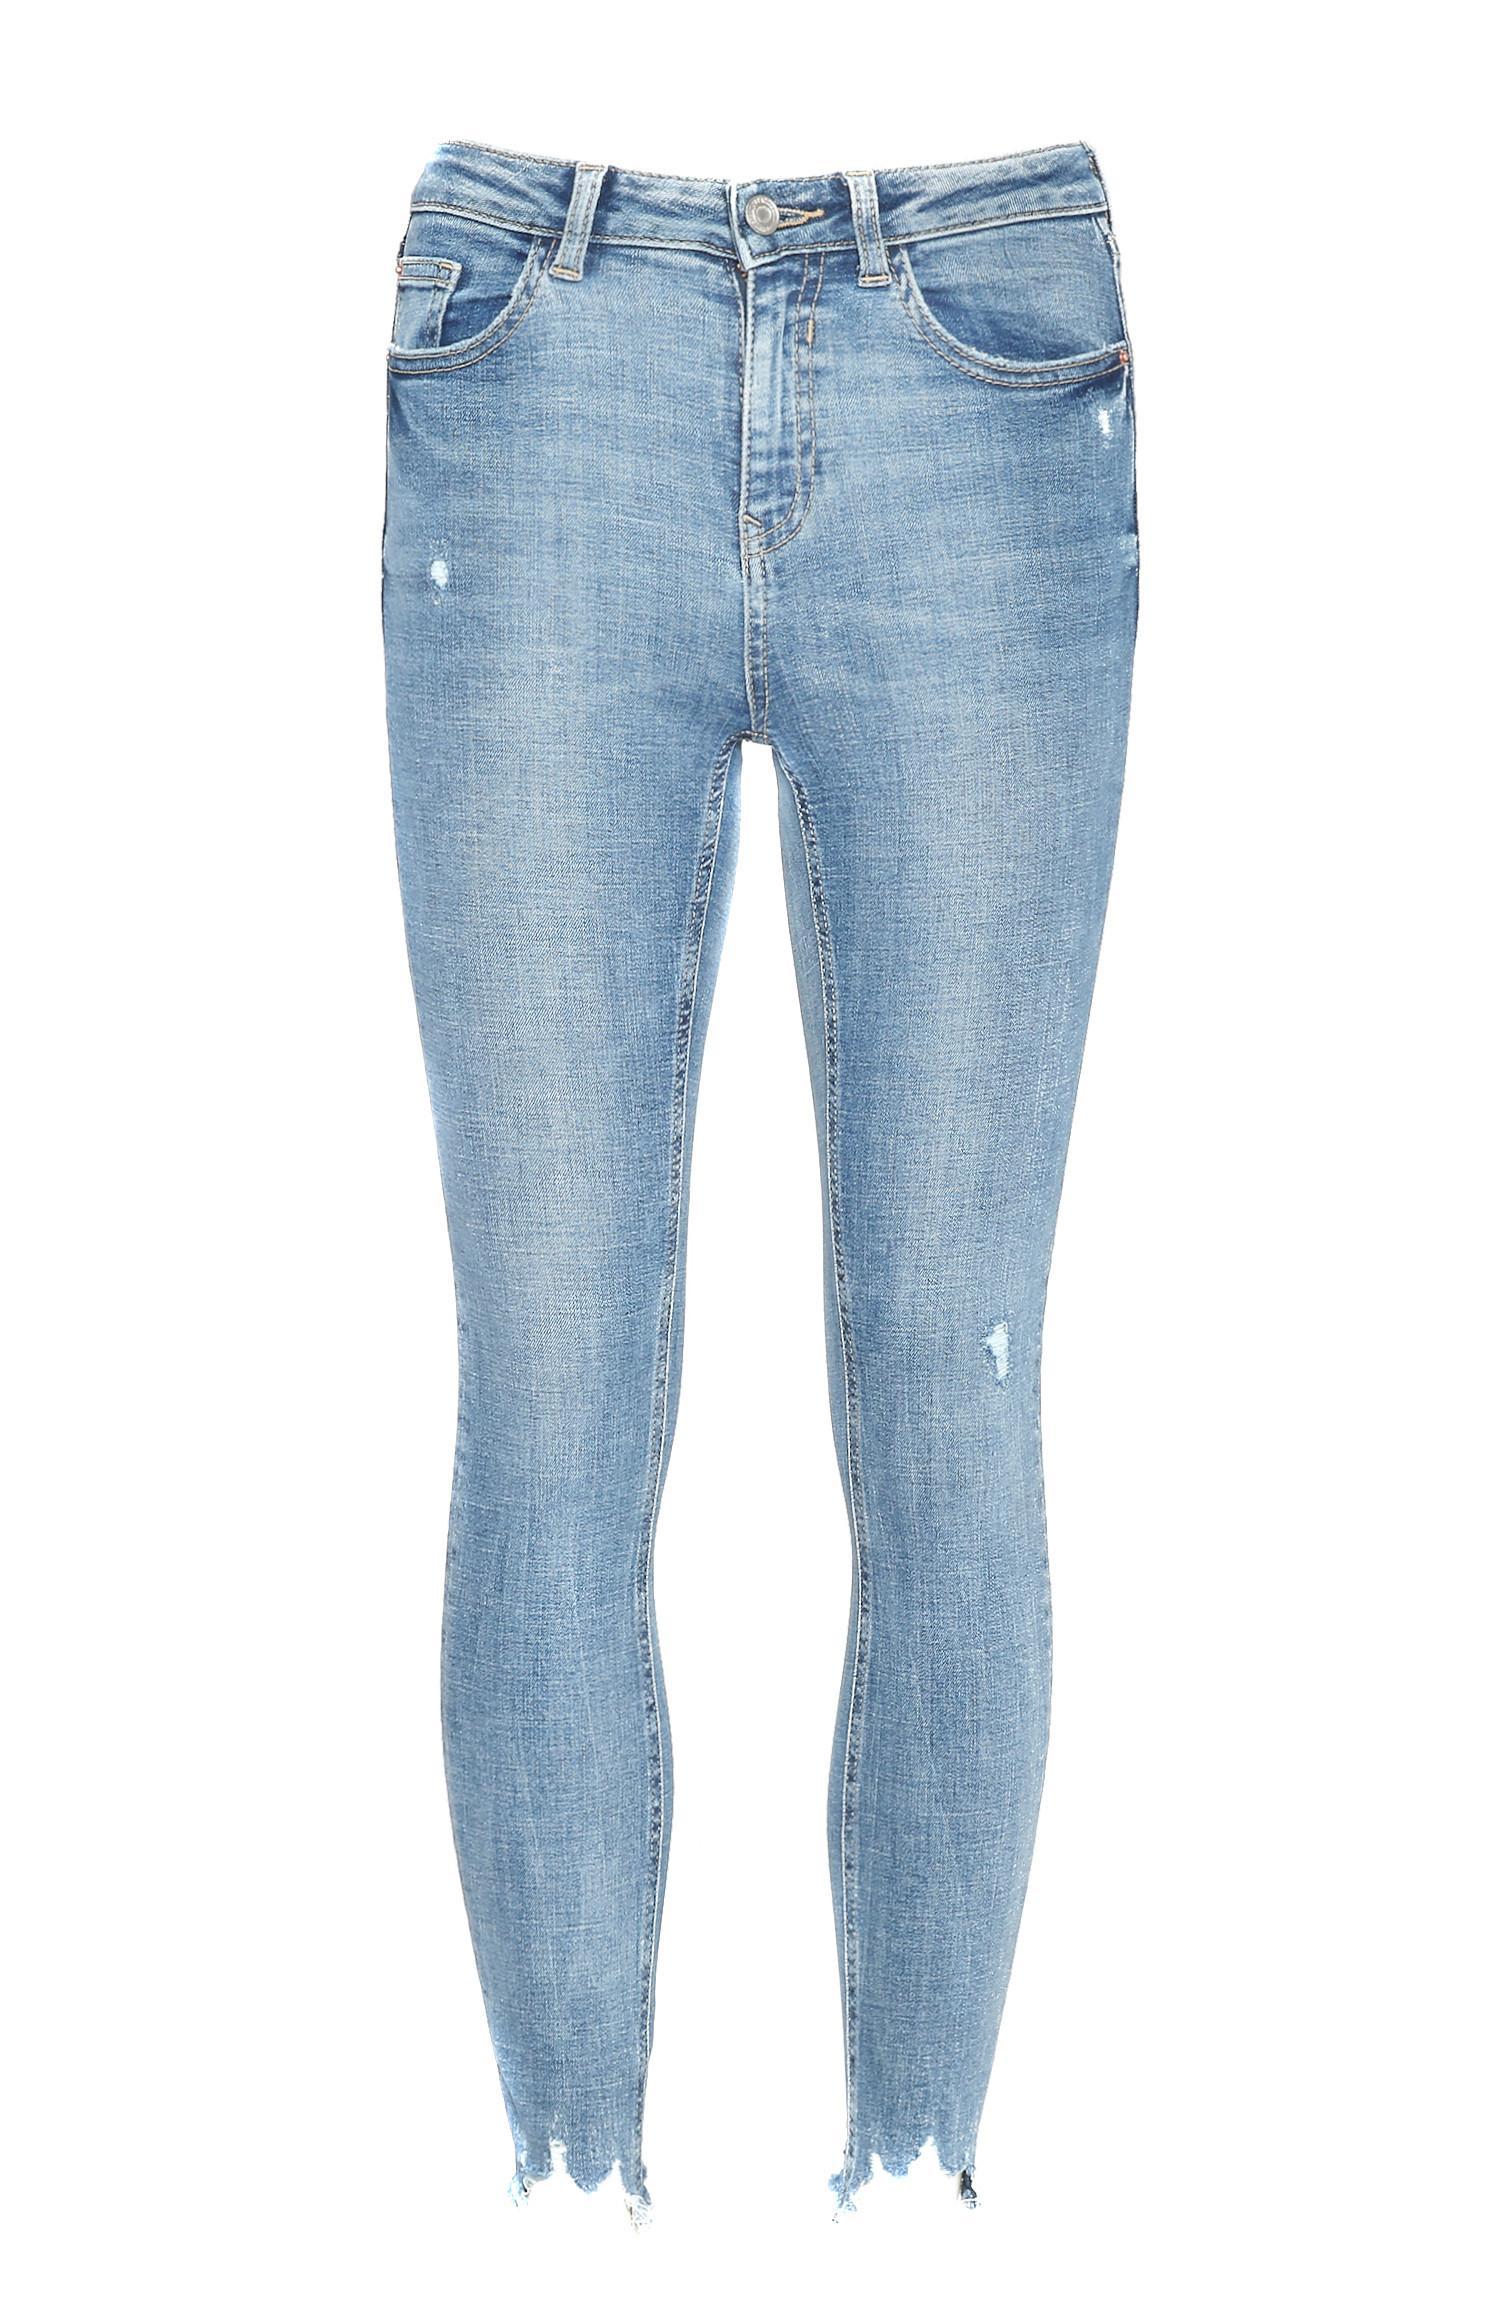 Calças de ganga azul skinny com tornozelo desfiado